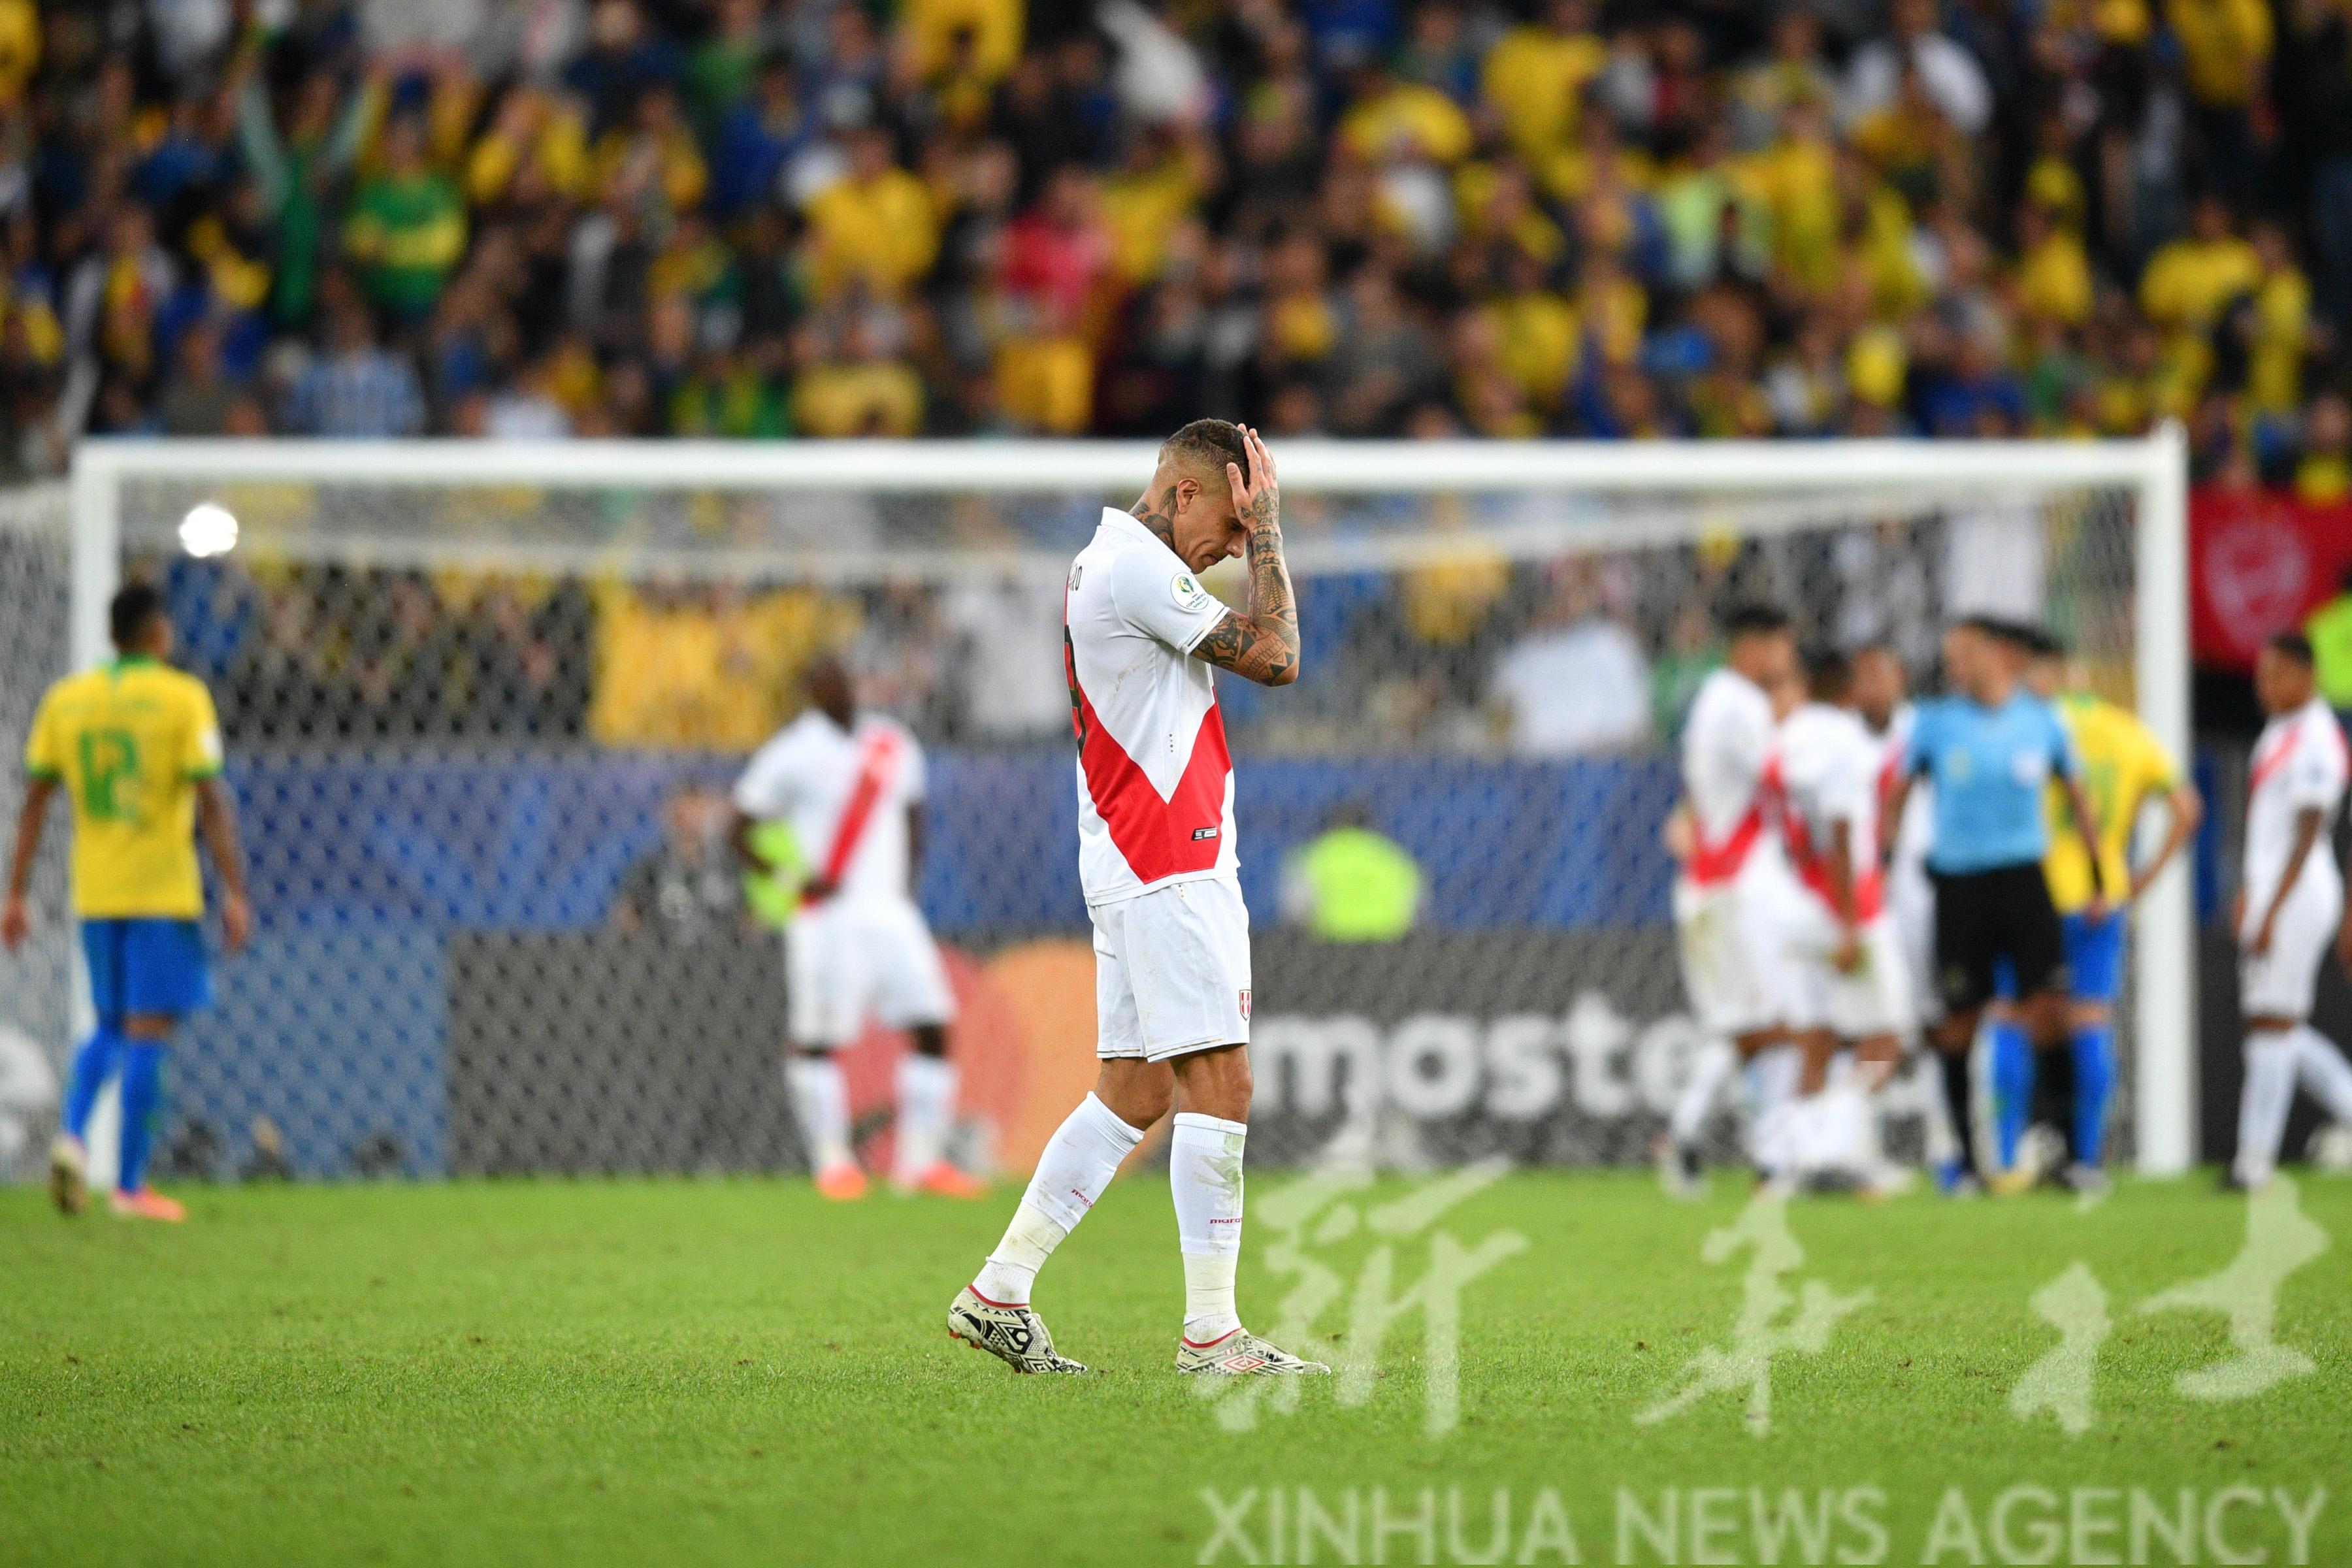 女足击败巴西夺冠这是真的吗?女足击败巴西夺冠时间过程详解